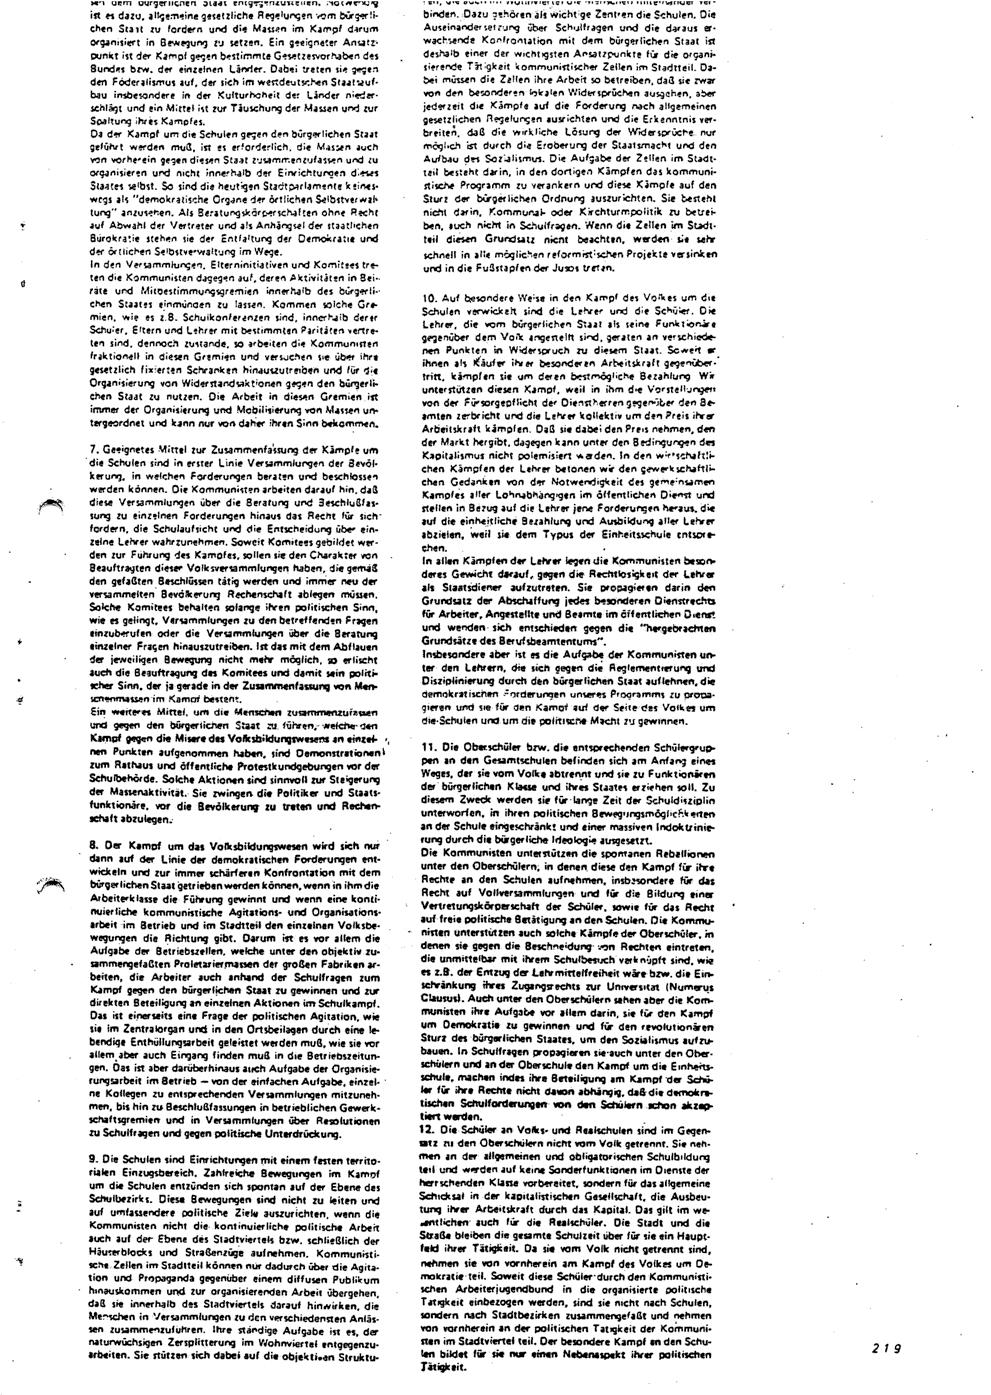 KABRW_Arbeitshefte_1978_31_099